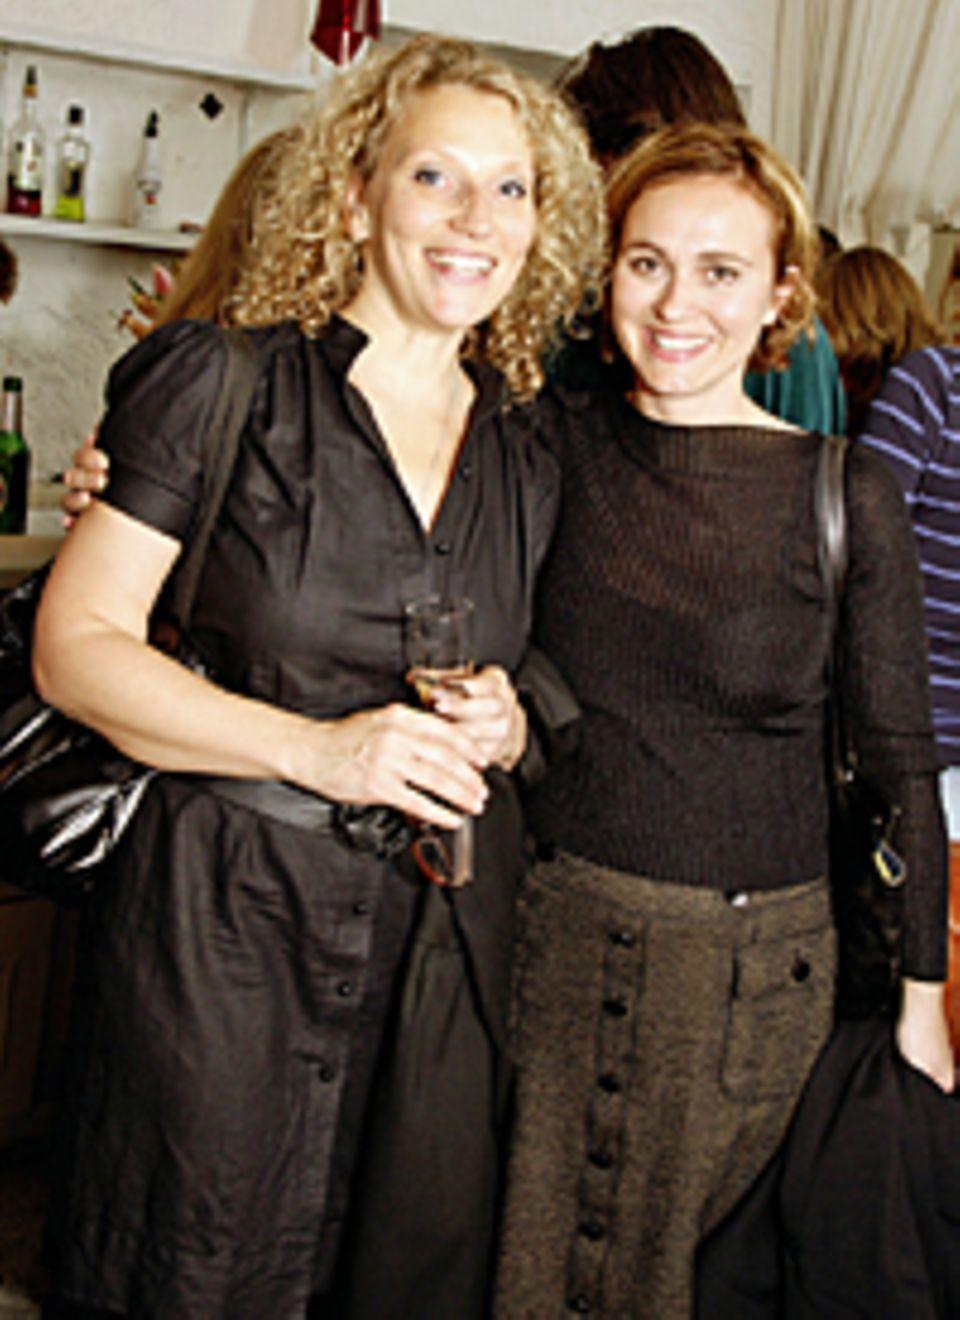 """Hatten Spaß bei der Lesung: Die Moderationskolleginnen Julia Westlake (""""NDR Kulturjournal"""") und Caren Miosga (""""Tagesthemen"""")"""